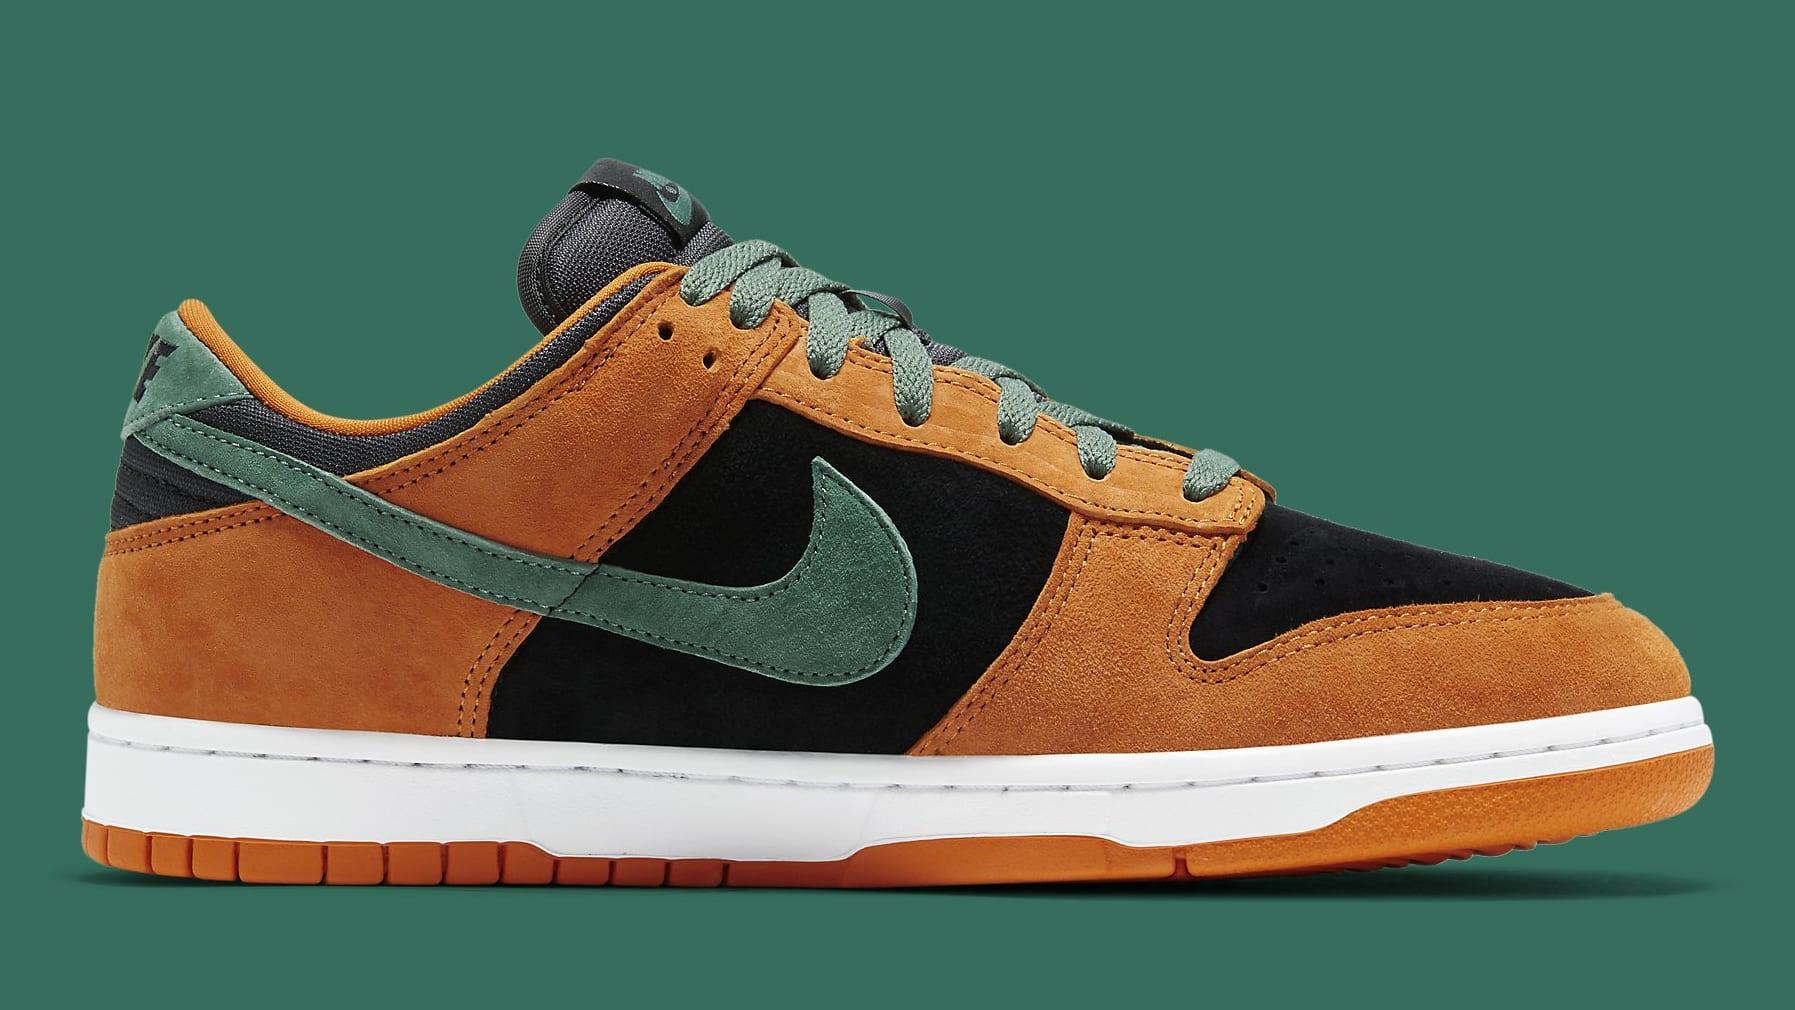 Nike Dunk Low Ceramic Release Date DA1469-001 Medial